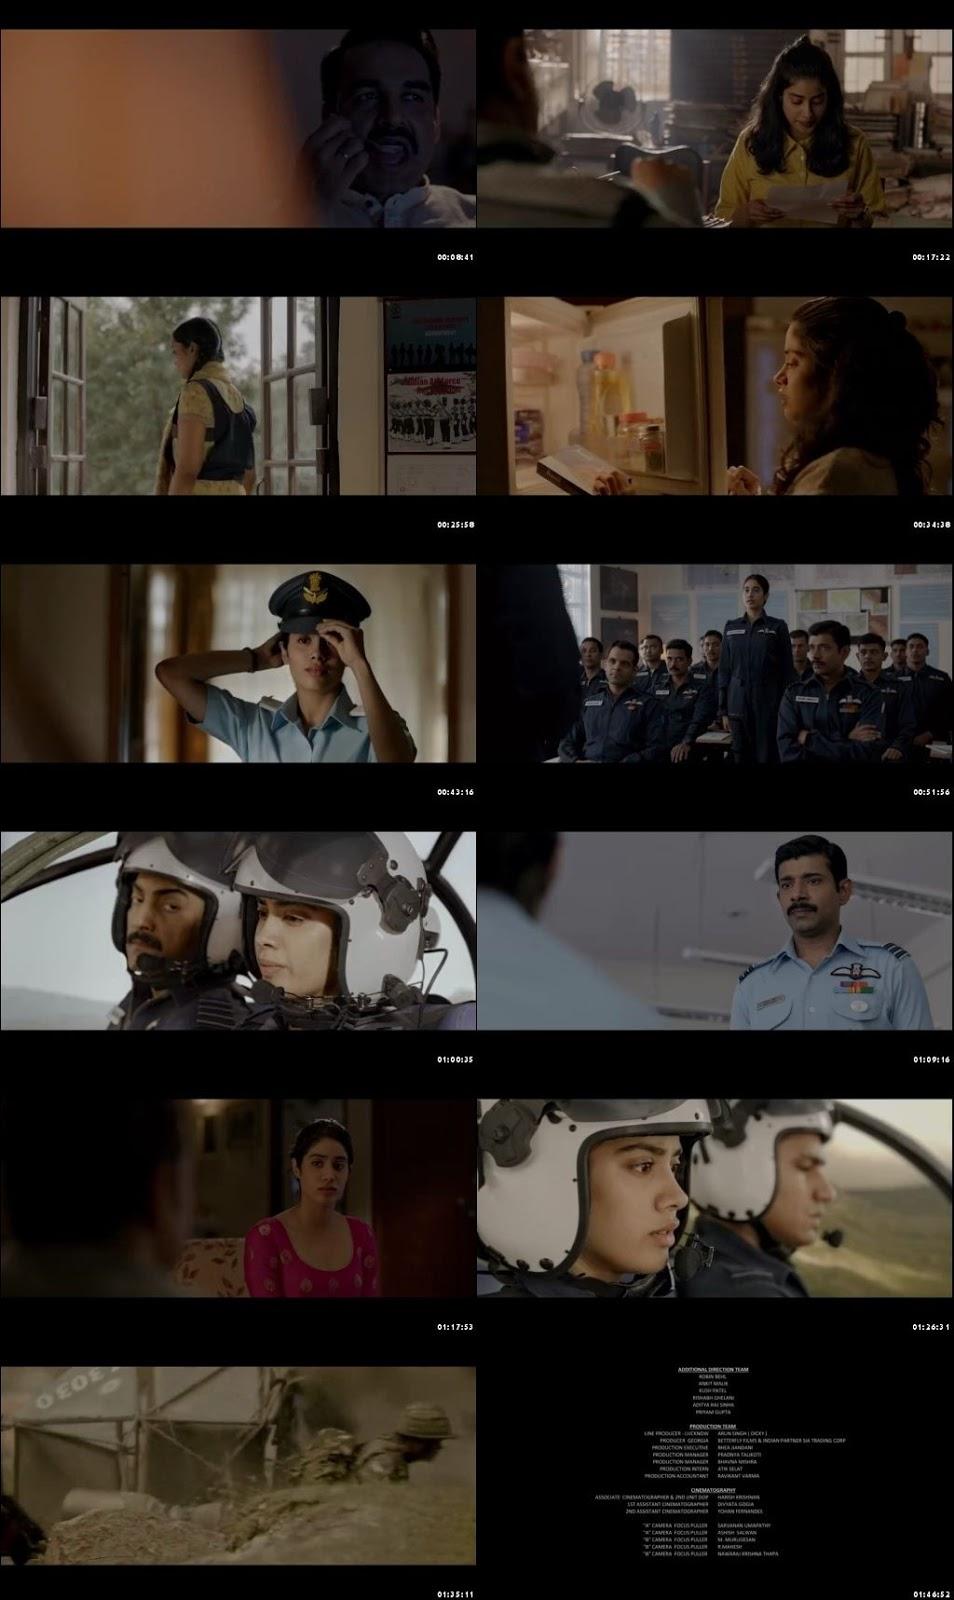 Gunjan Saxena: The Kargil Girl 2020 Full HIndi Movie Online Watch